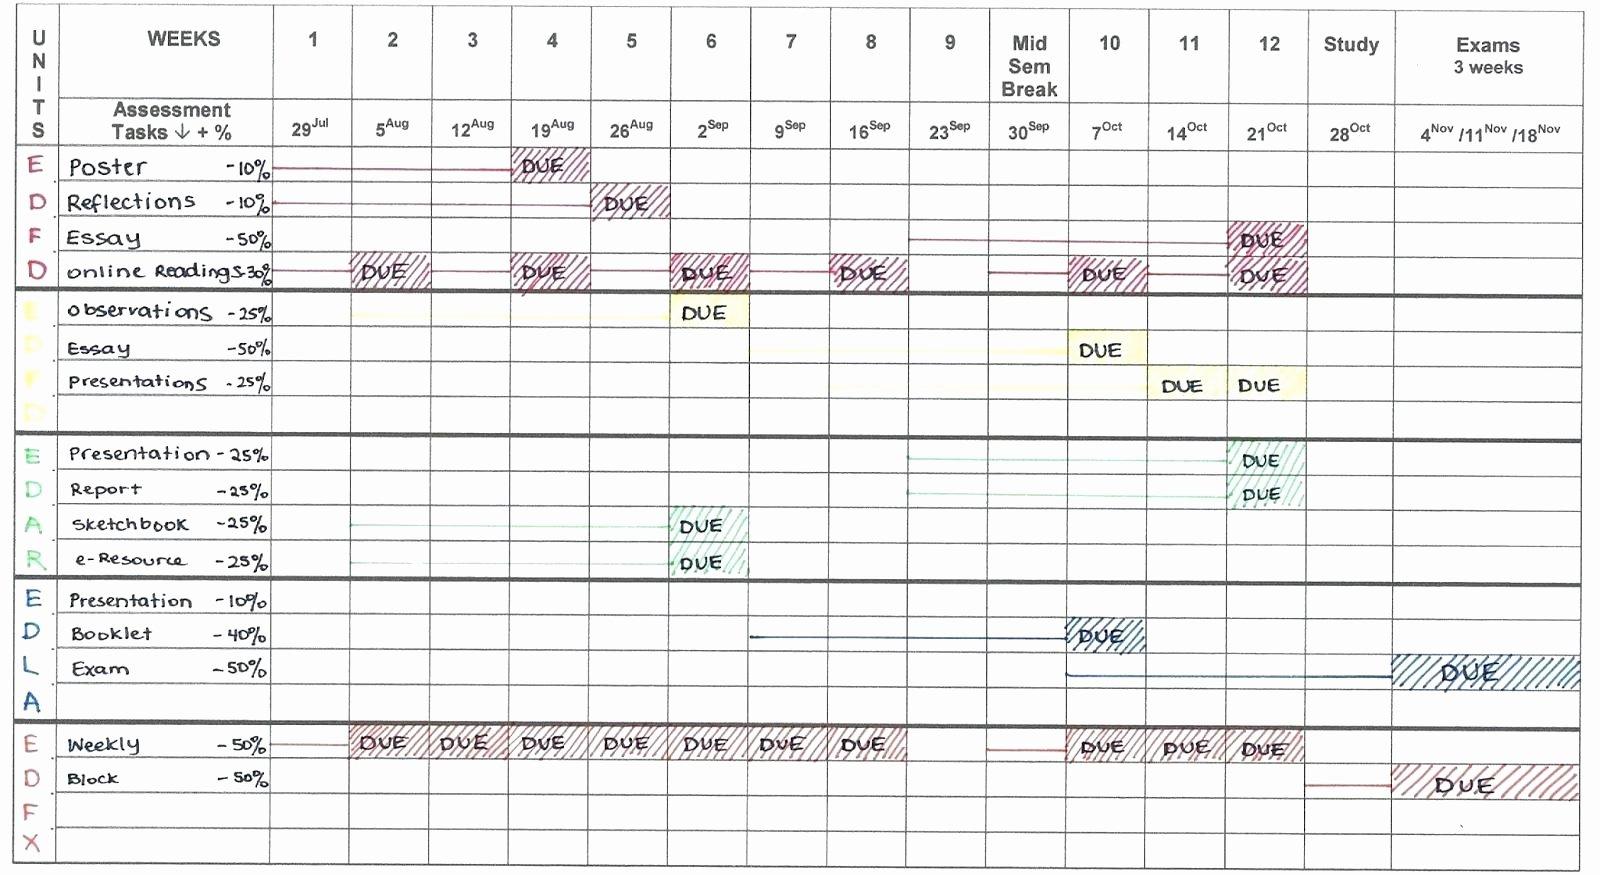 Employee Break Schedule Template New Template Employee Break Schedule Template